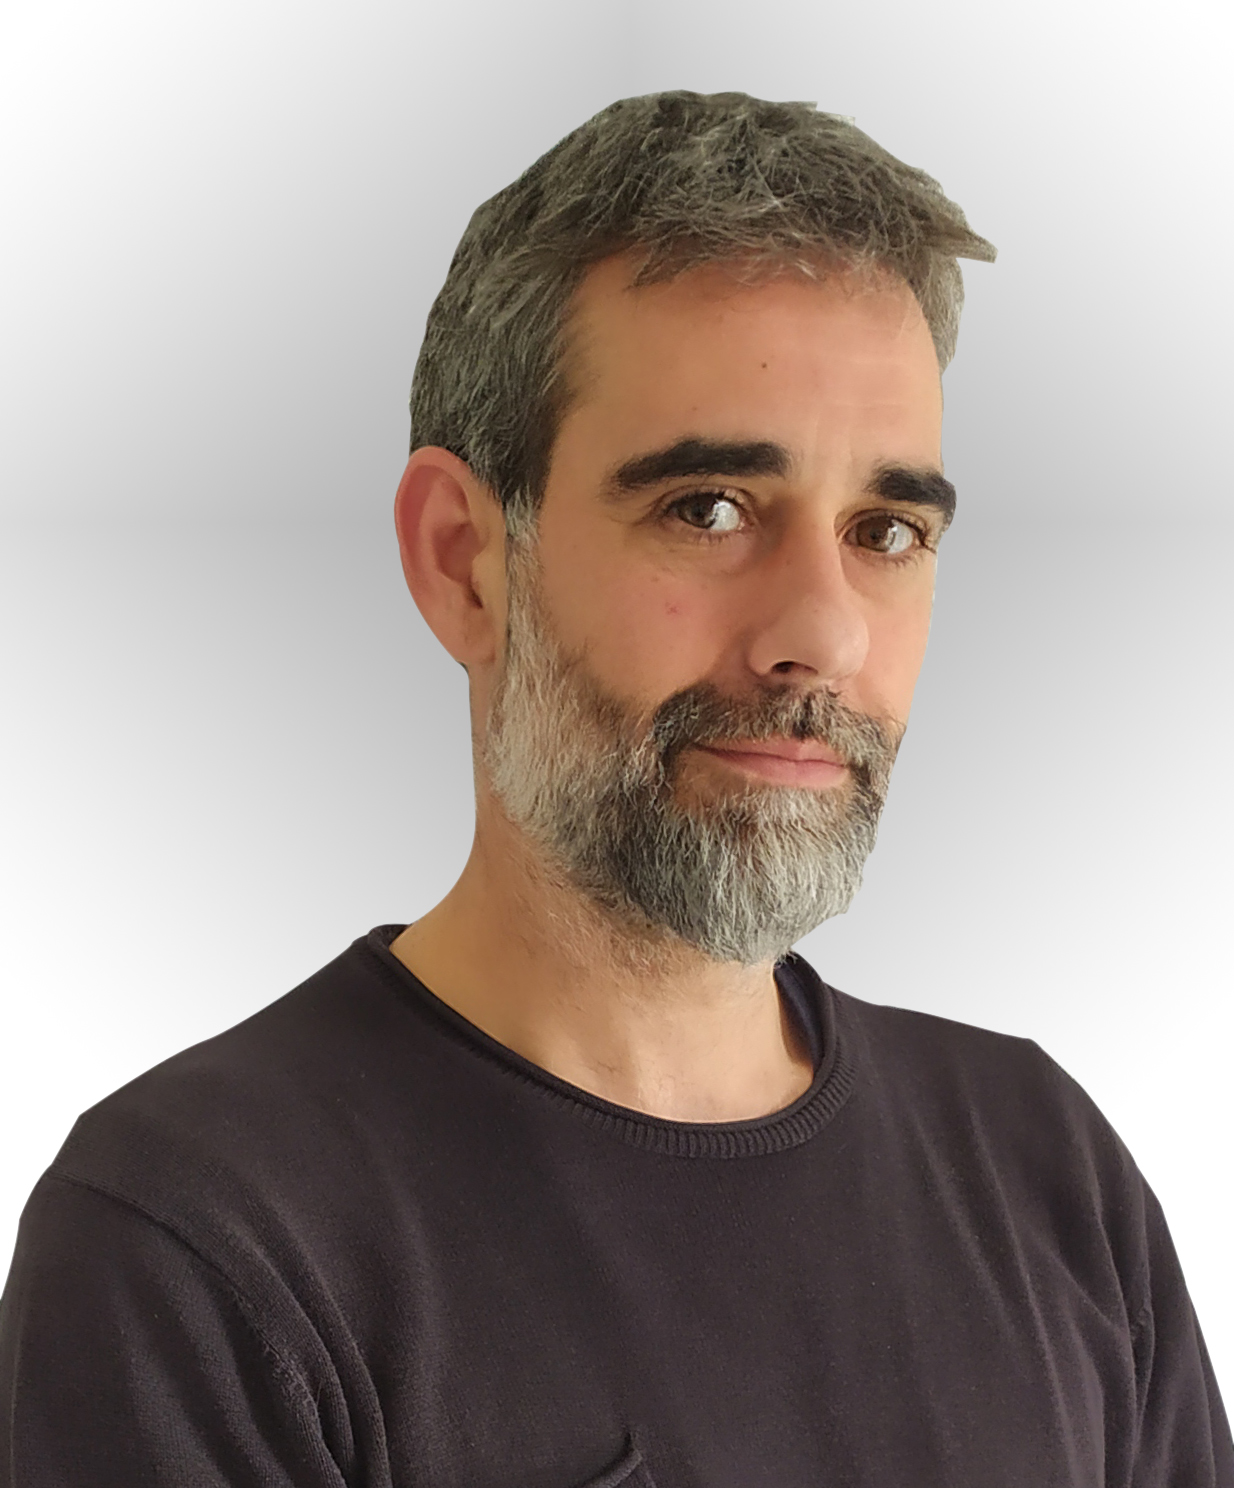 Antonio Serrano